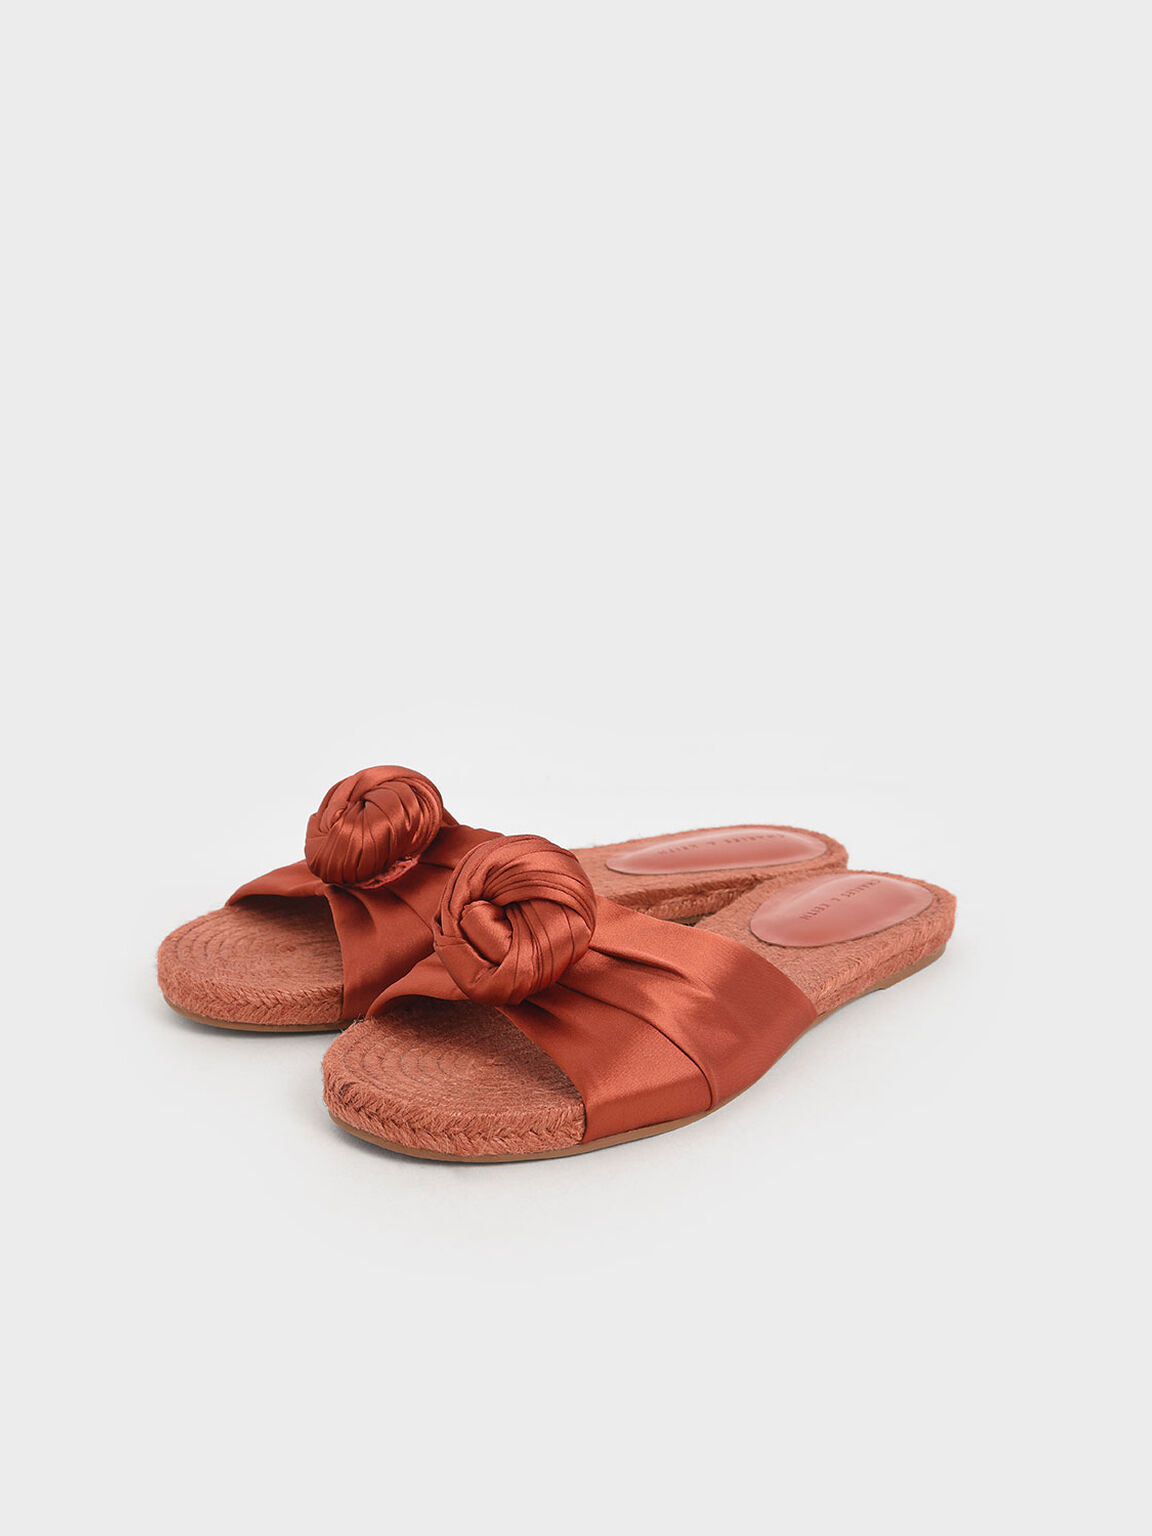 Satin Knot Espadrille Slide Sandals, Orange, hi-res